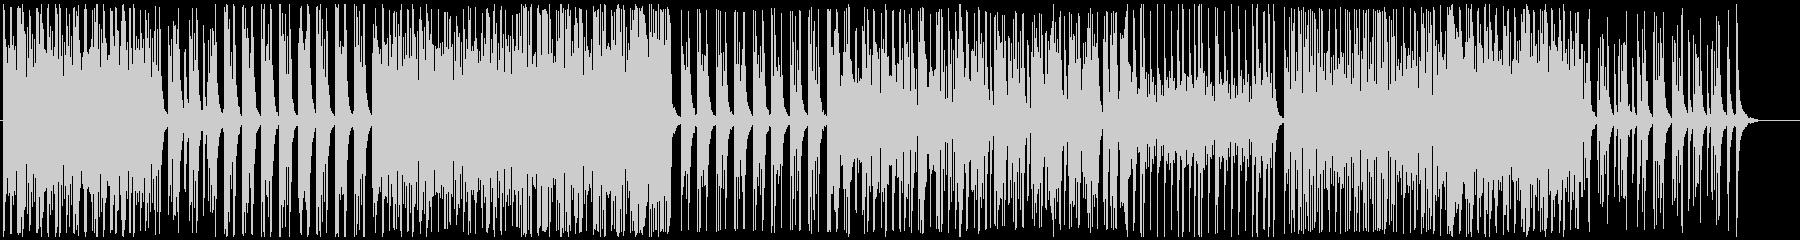 物語の始まり-弦楽団カルテットの未再生の波形